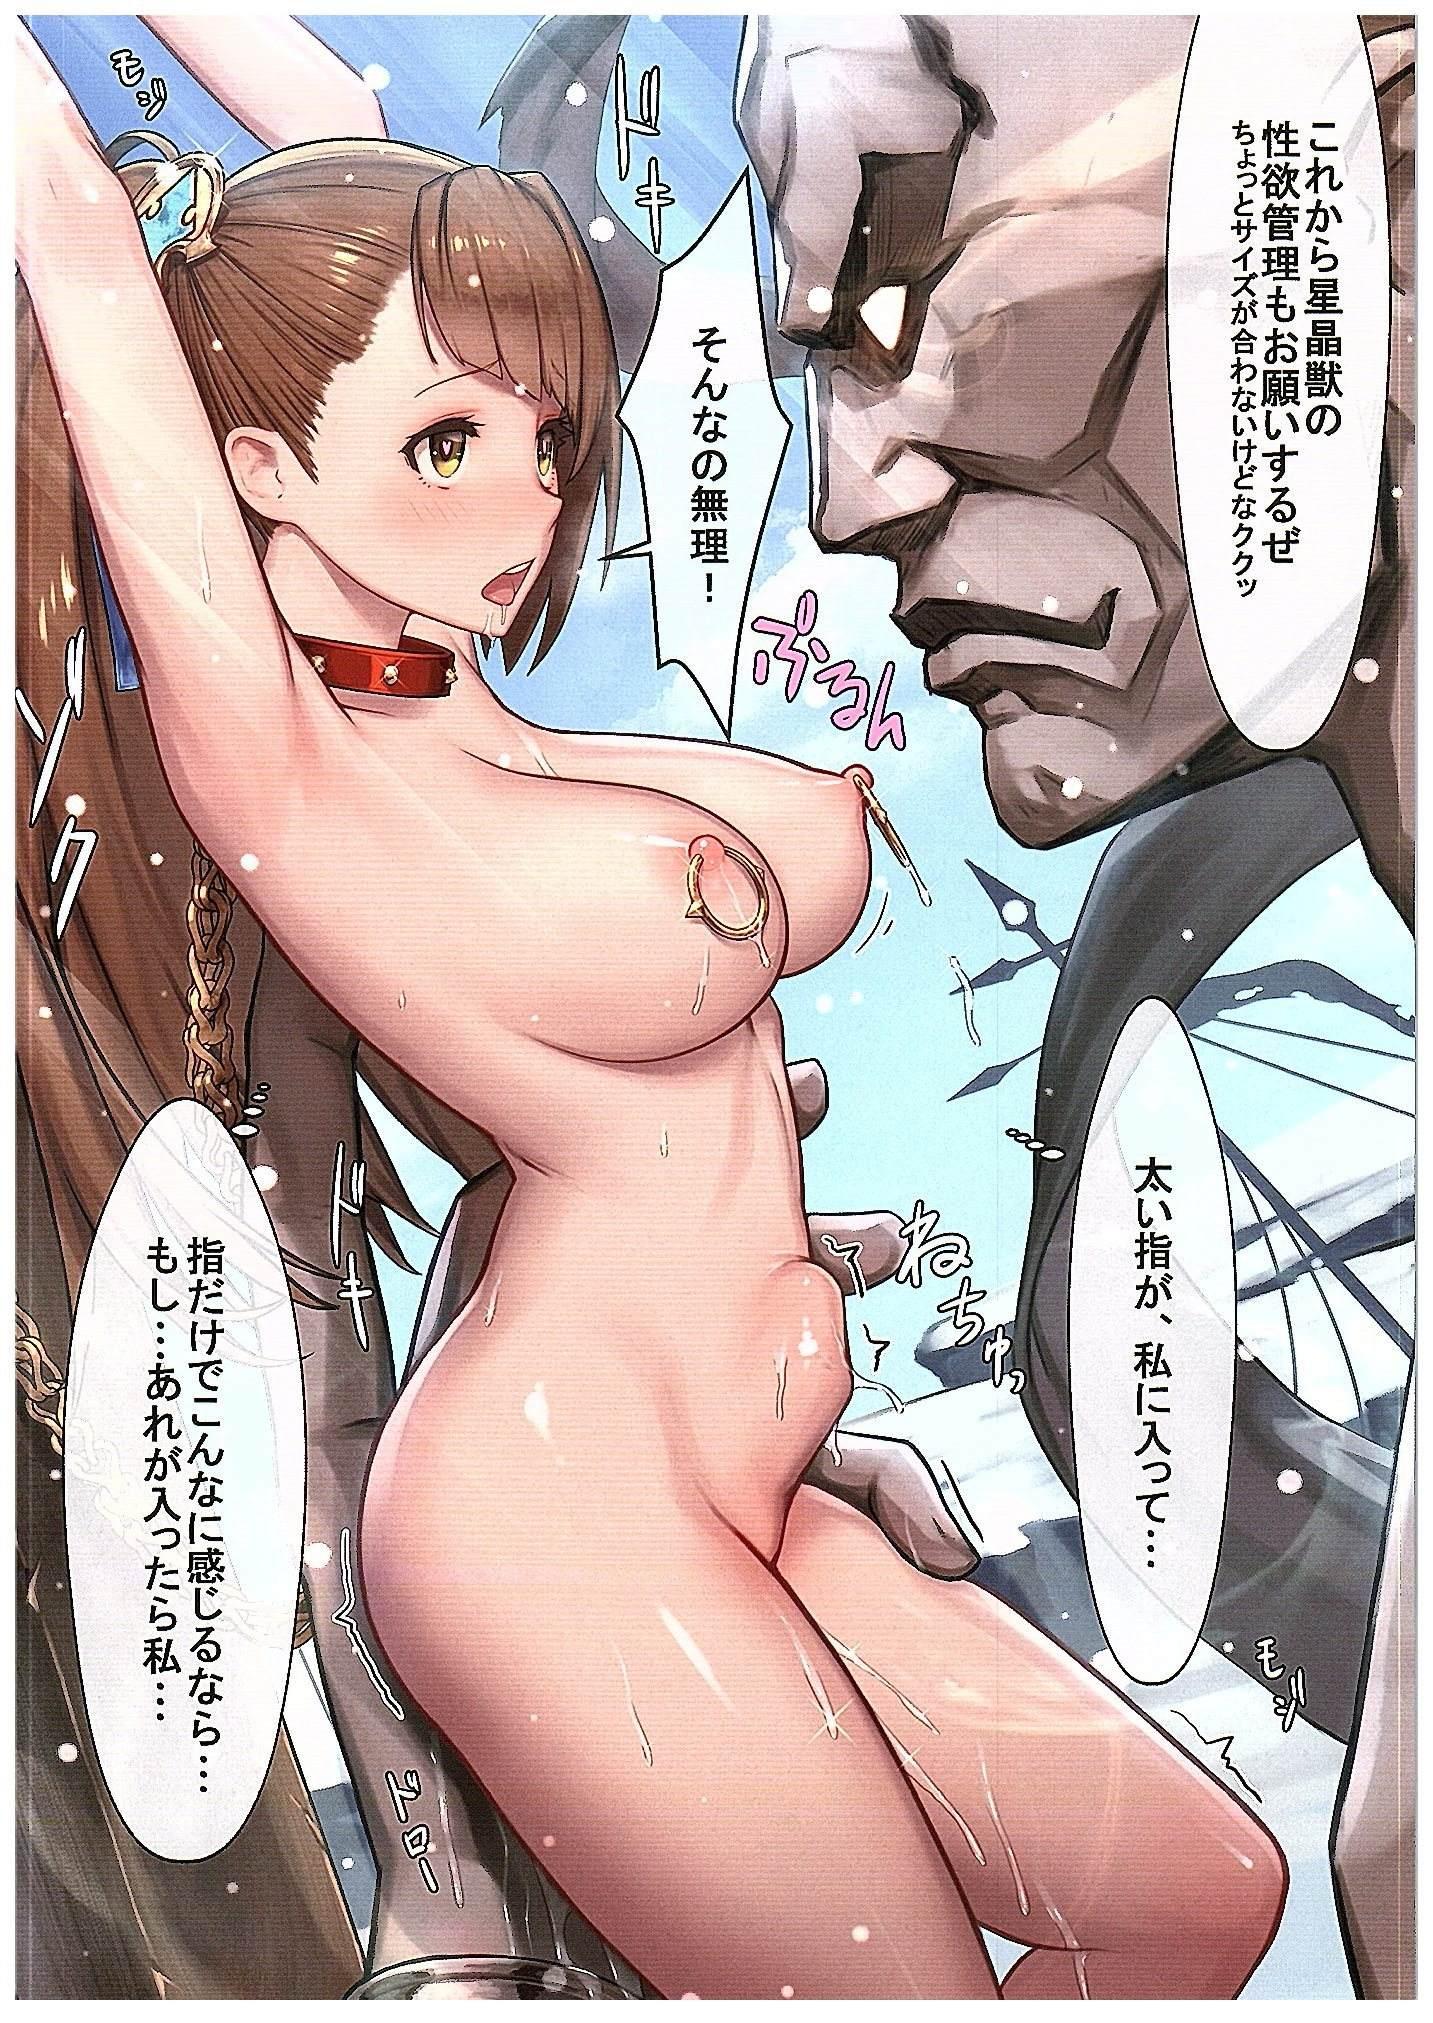 【乳首】ピアスをしている女の子画像12ヶ所目【クリ】 [無断転載禁止]©bbspink.com->画像>664枚